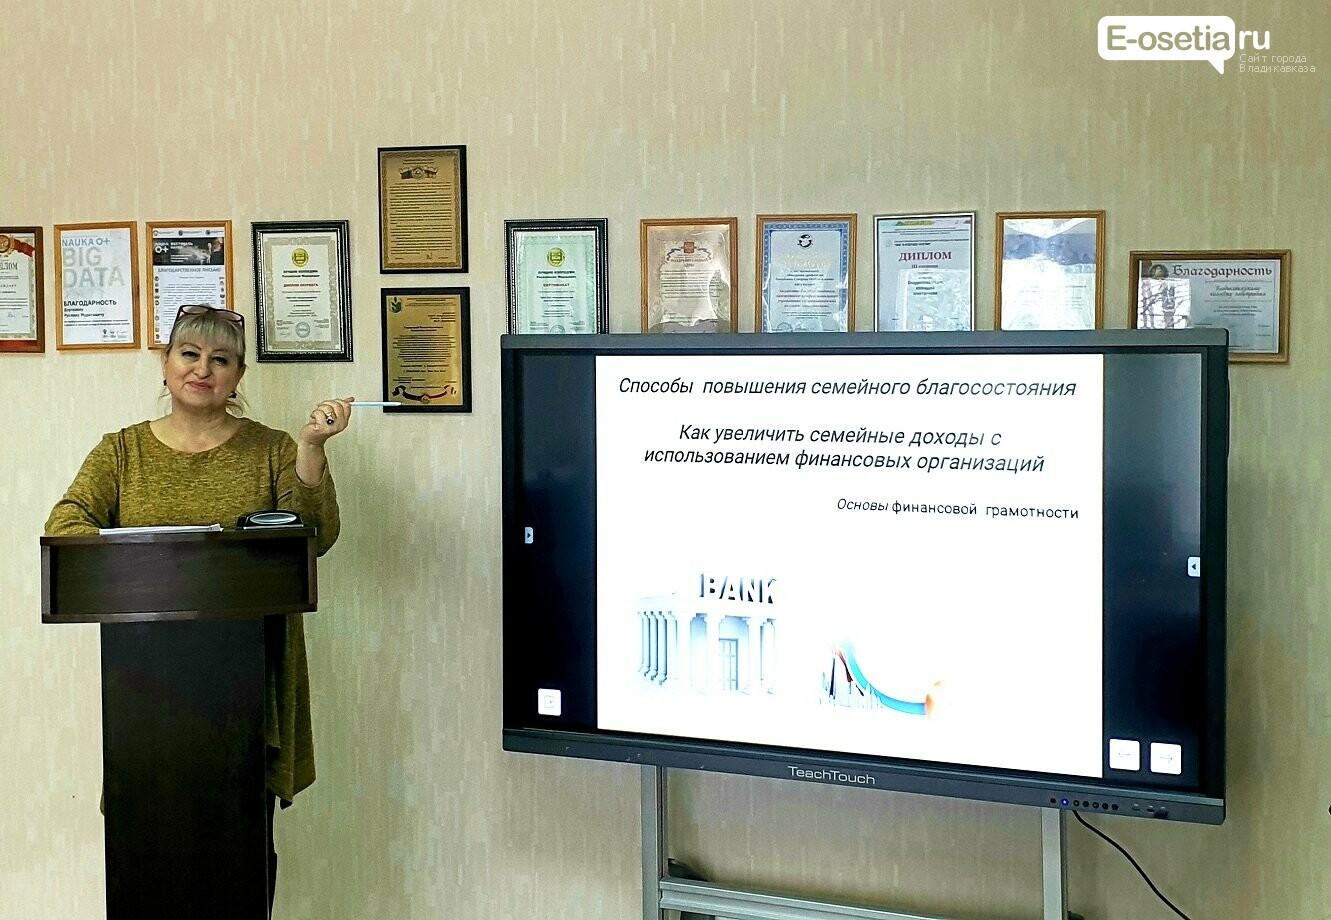 Владикавказские студенты и школьники тестируют онлайн-обучение, фото-1